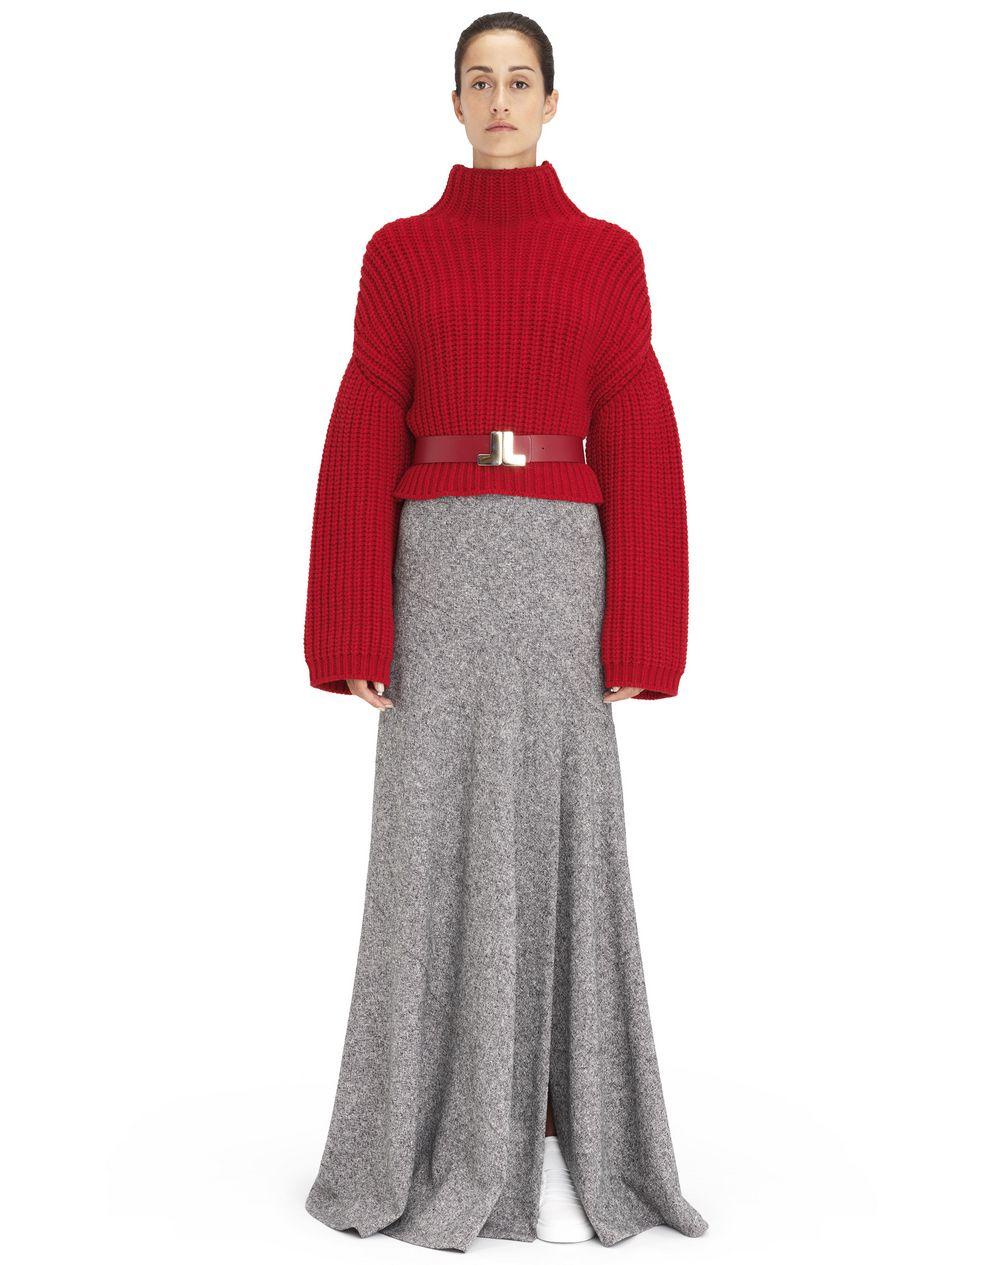 Pull en maille côtelée épaisse couleur rouge Lanvin – Prix €990